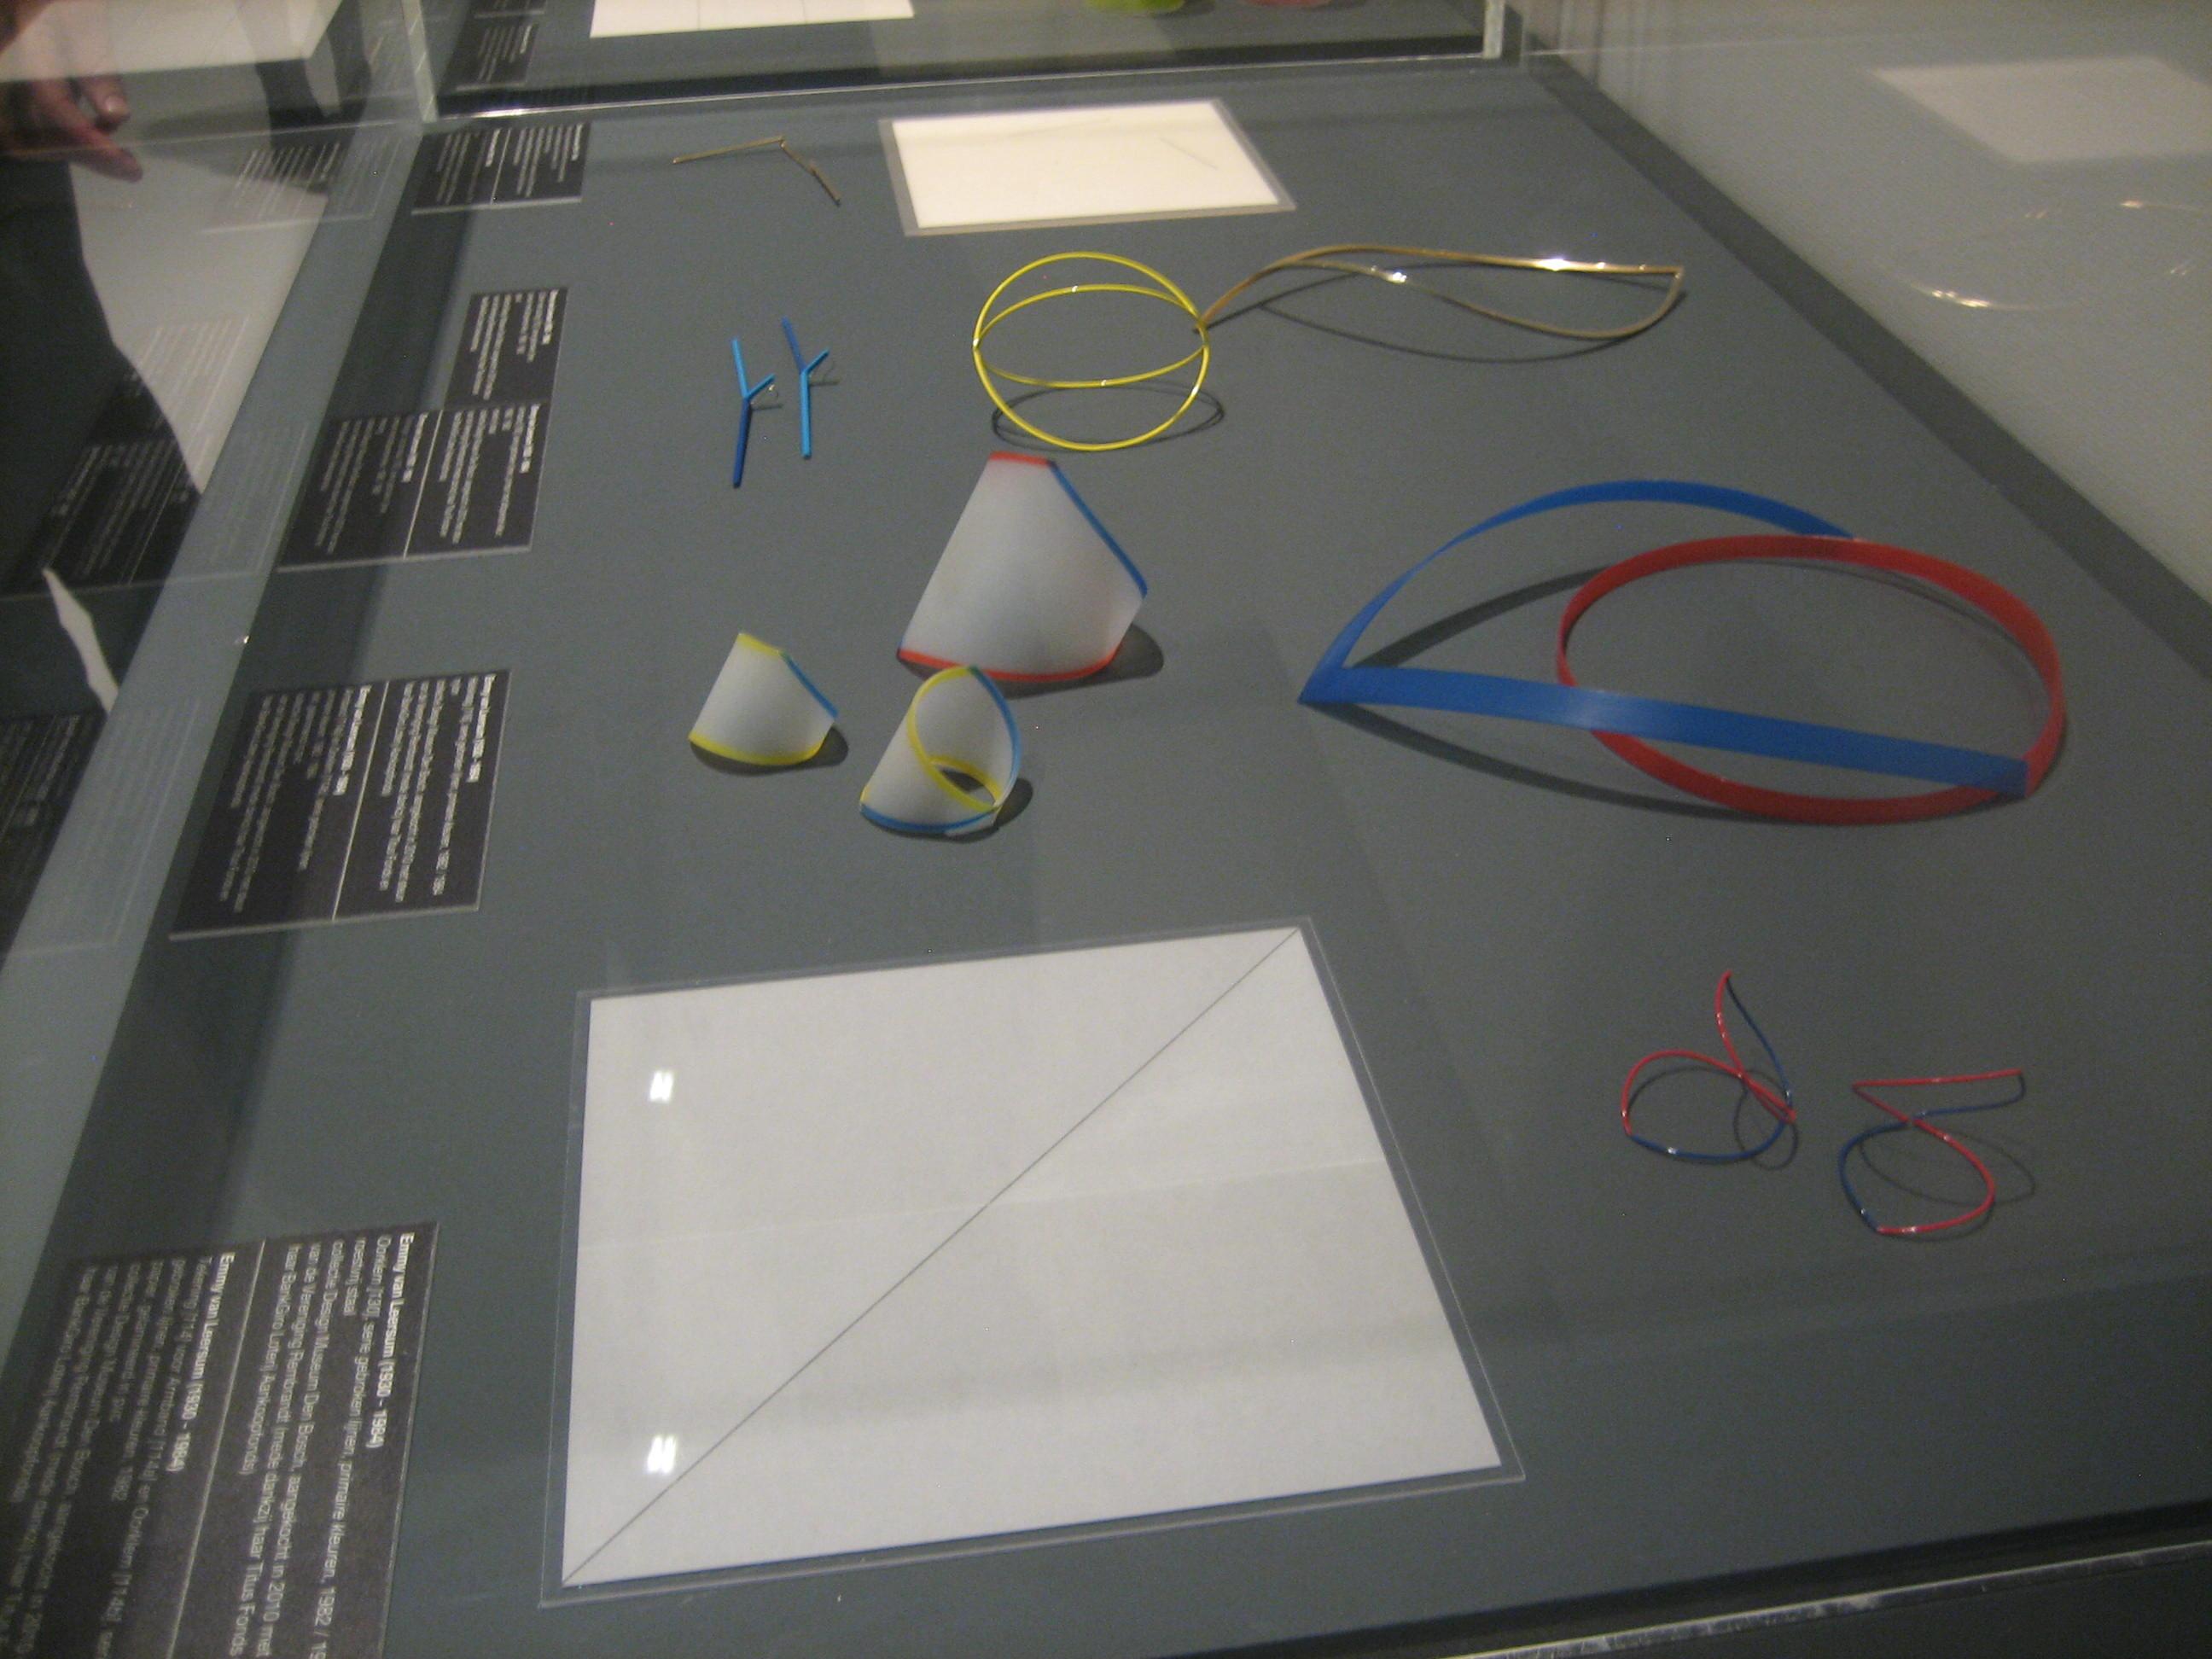 Emmy van Leersum, Toen Emmy nu Gijs, Design Museum Den Bosch, 2018, tentoonstelling, halssieraad, oorsieraden, armbanden, kunststof, metaal, vitrine